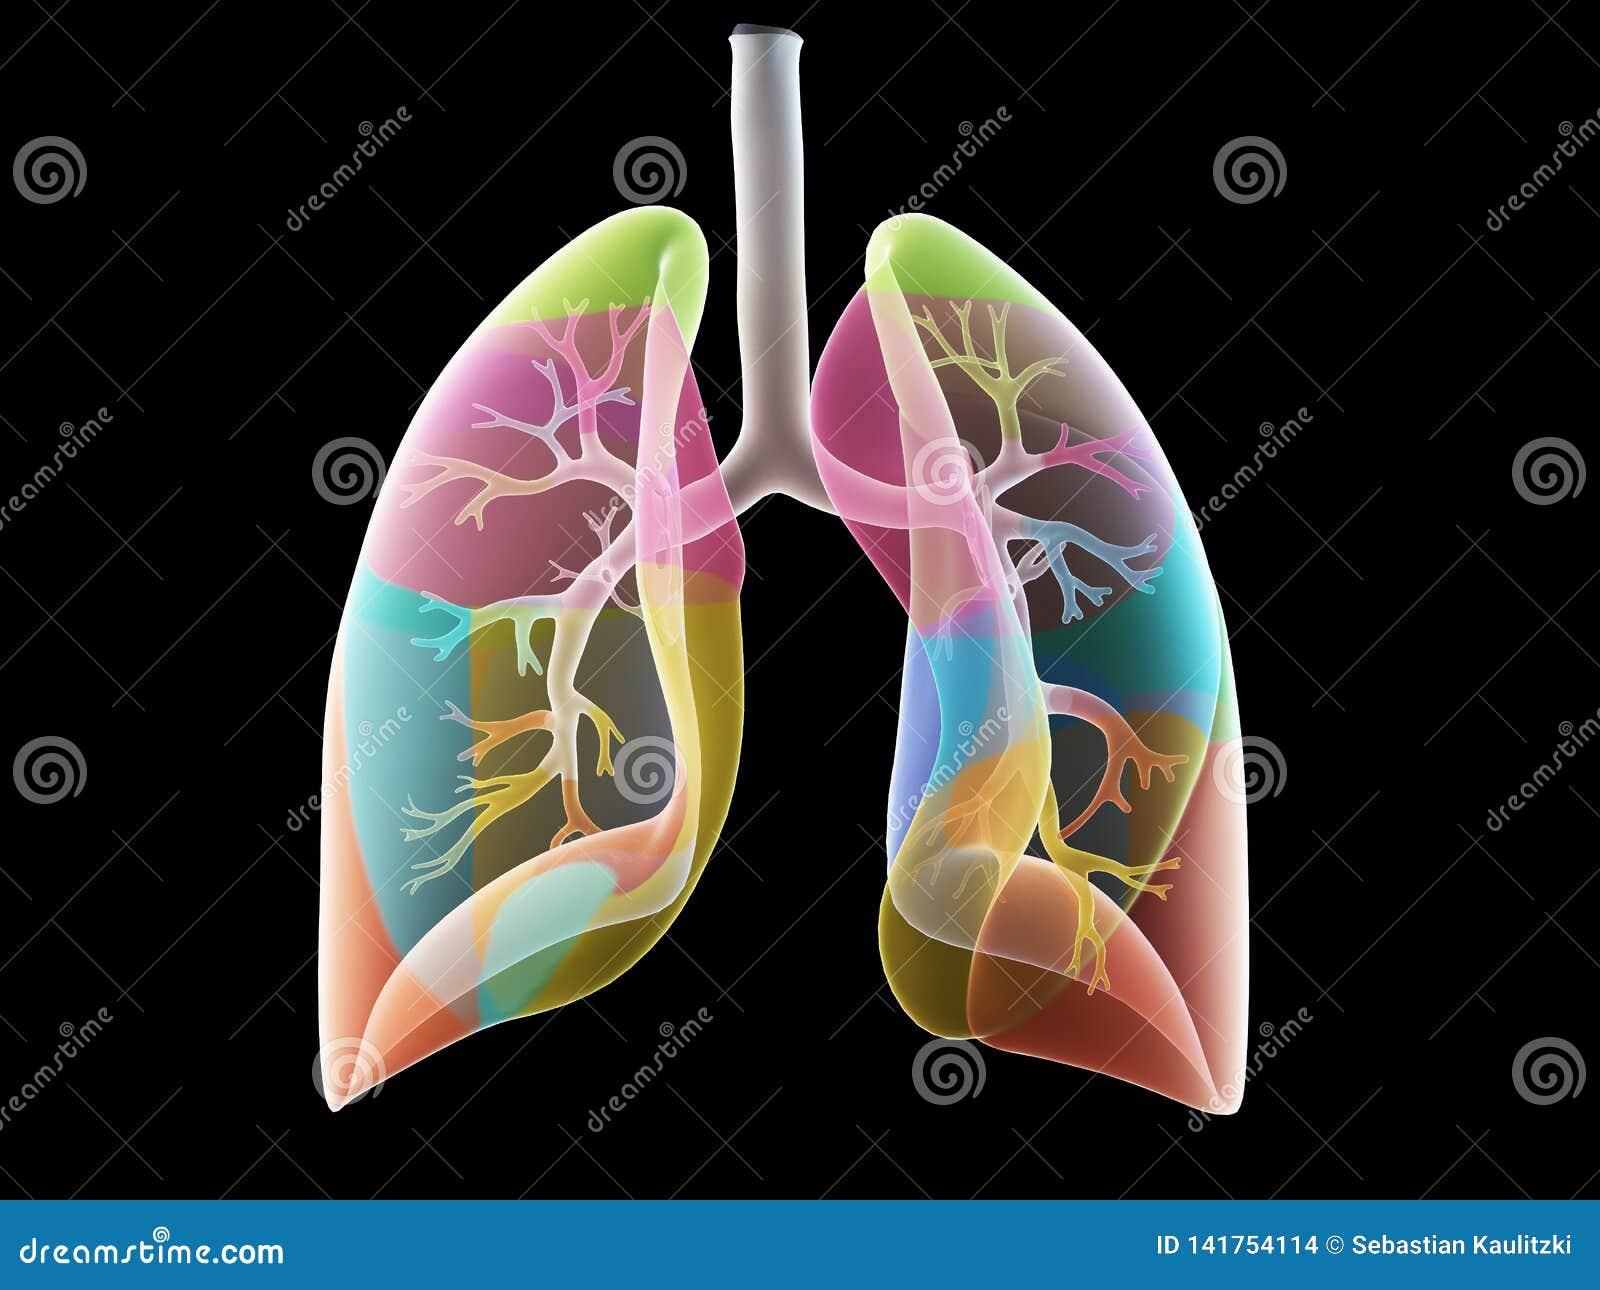 Los segmentos del pulmón